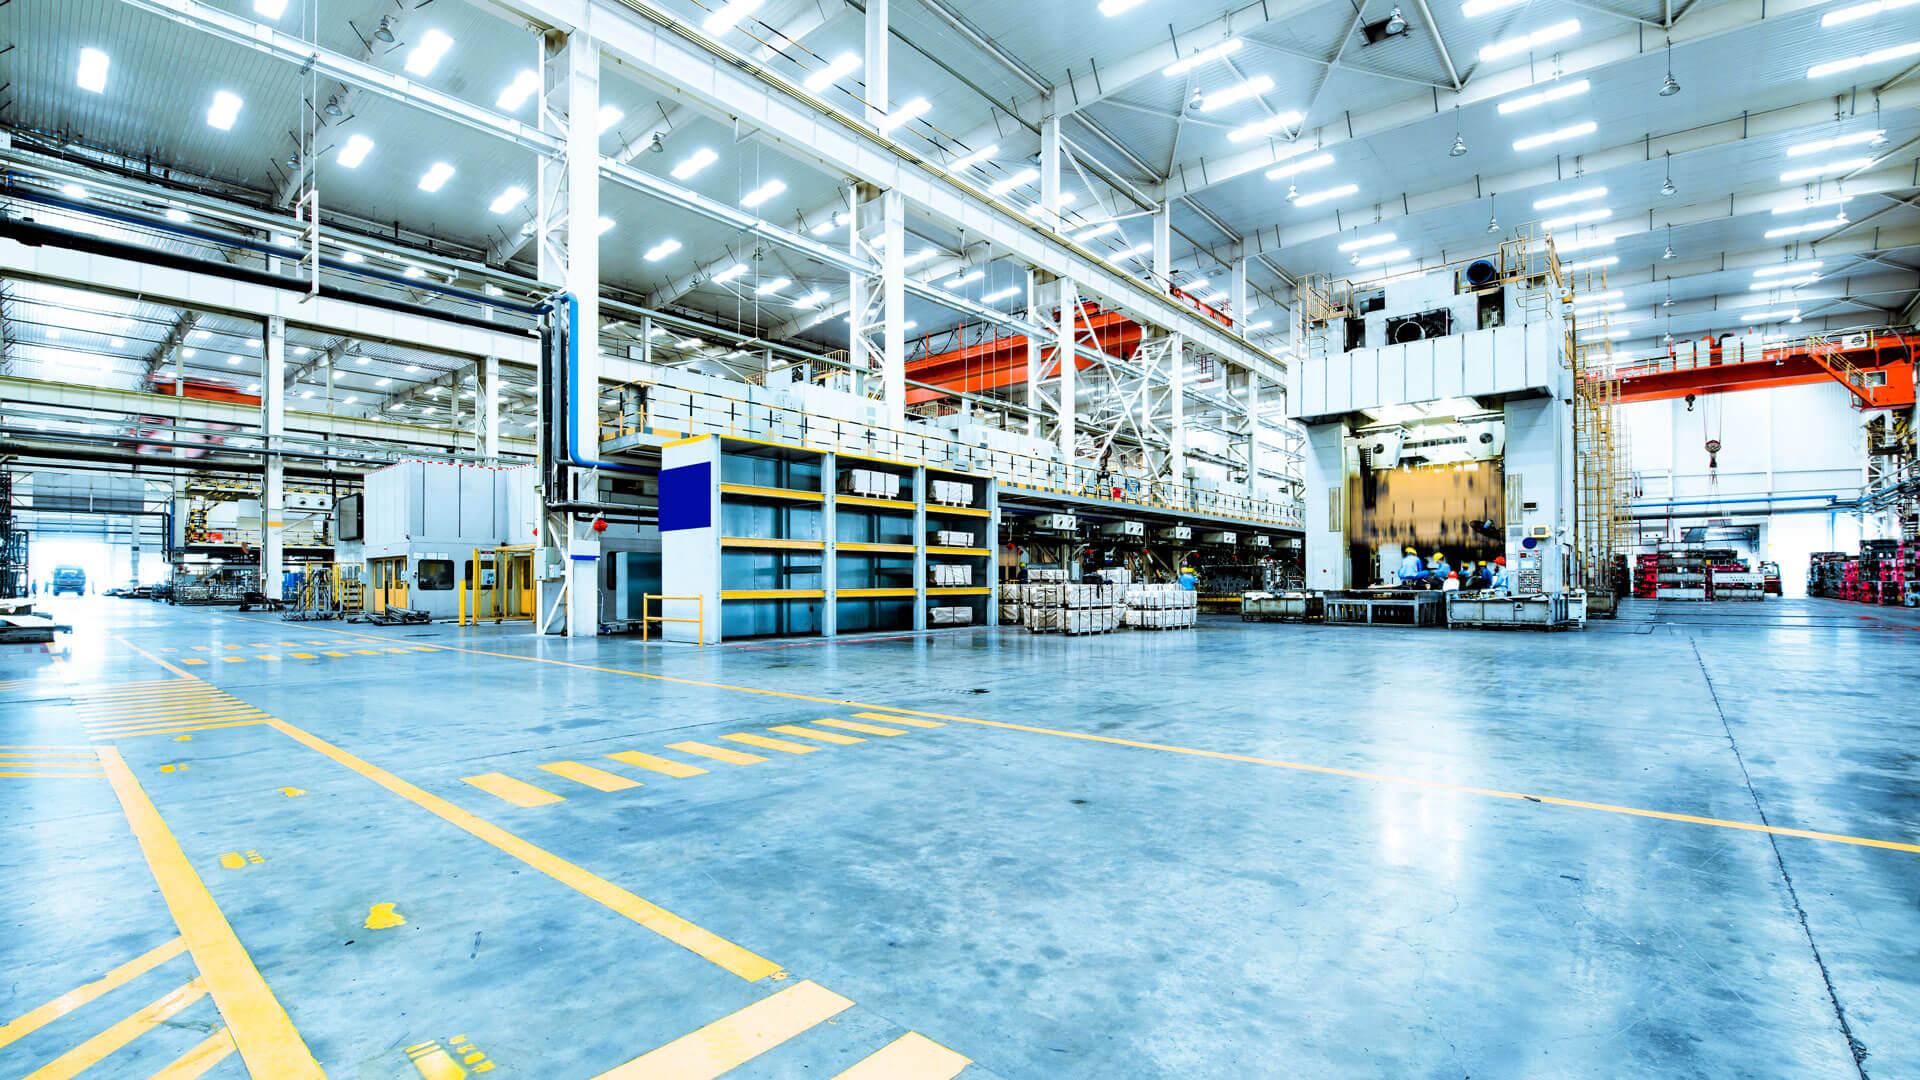 Ein Bild einer industriellen Lagerhalle mit Hochregalen und Maschinen im Hintergrund.